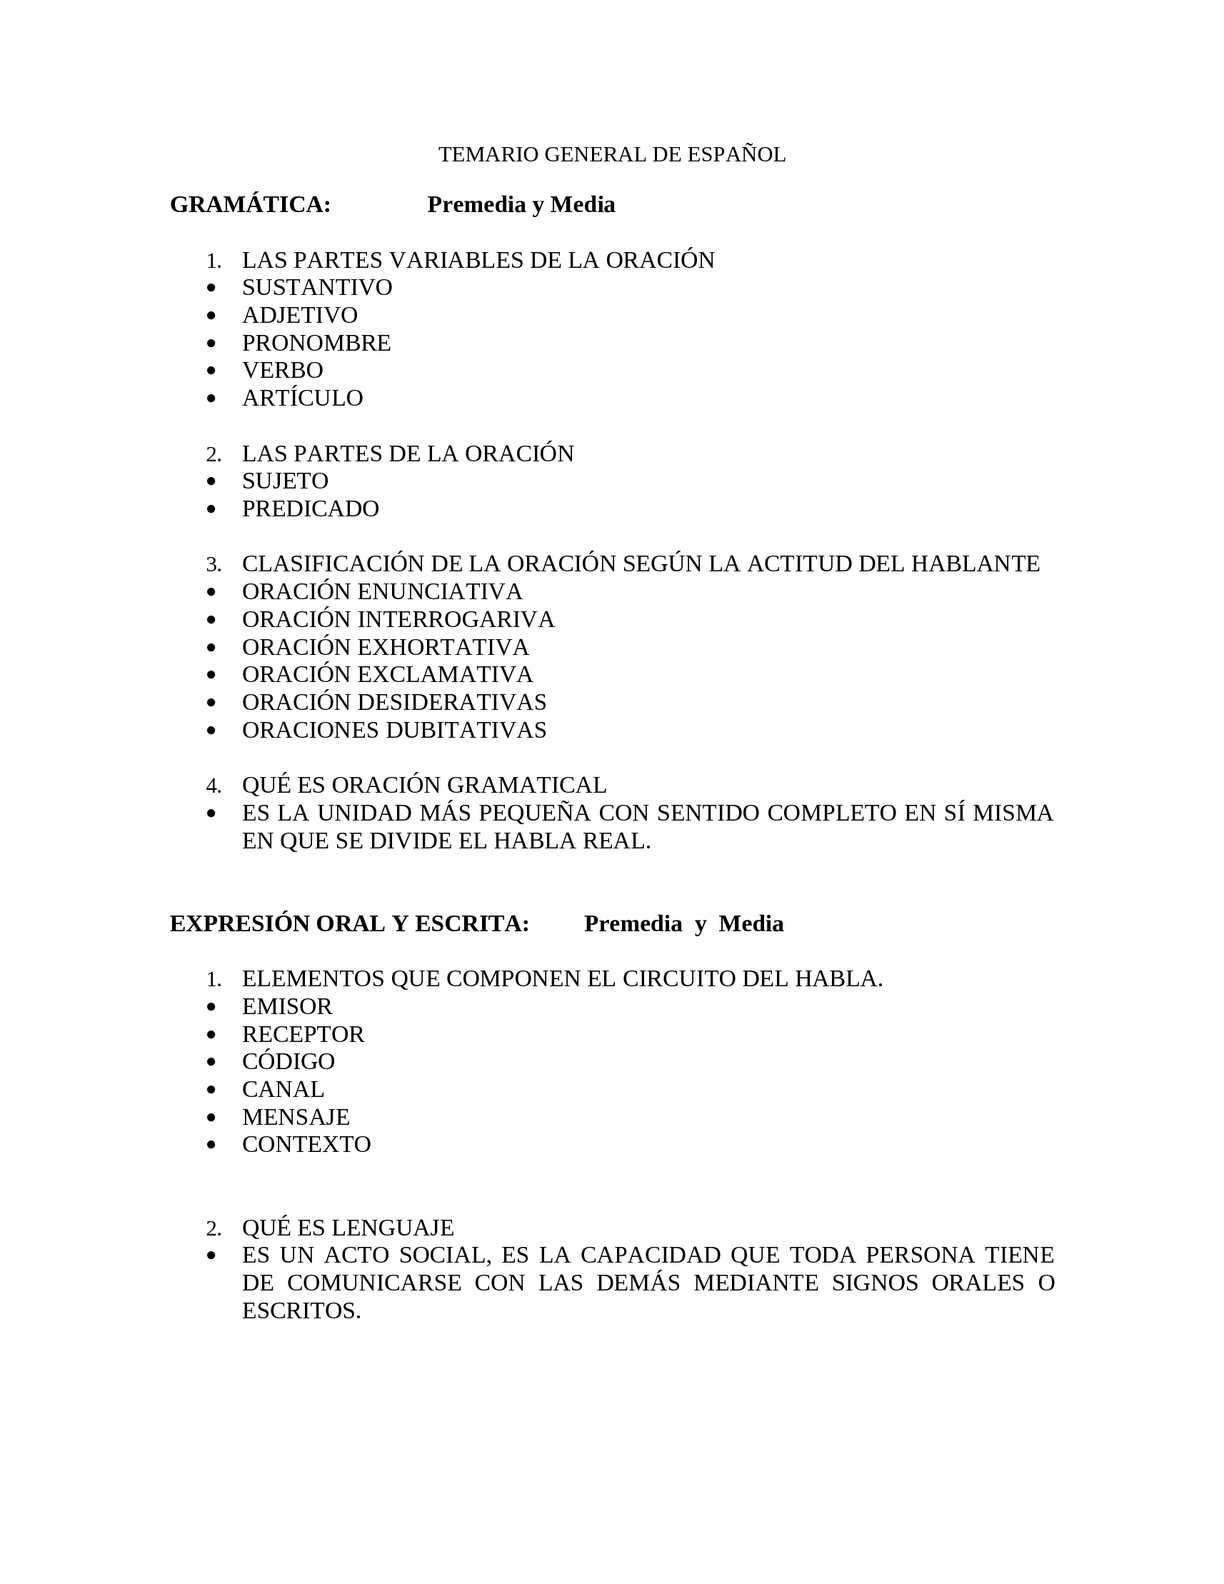 Circuito Del Habla : Calaméo temario general de espaÑol